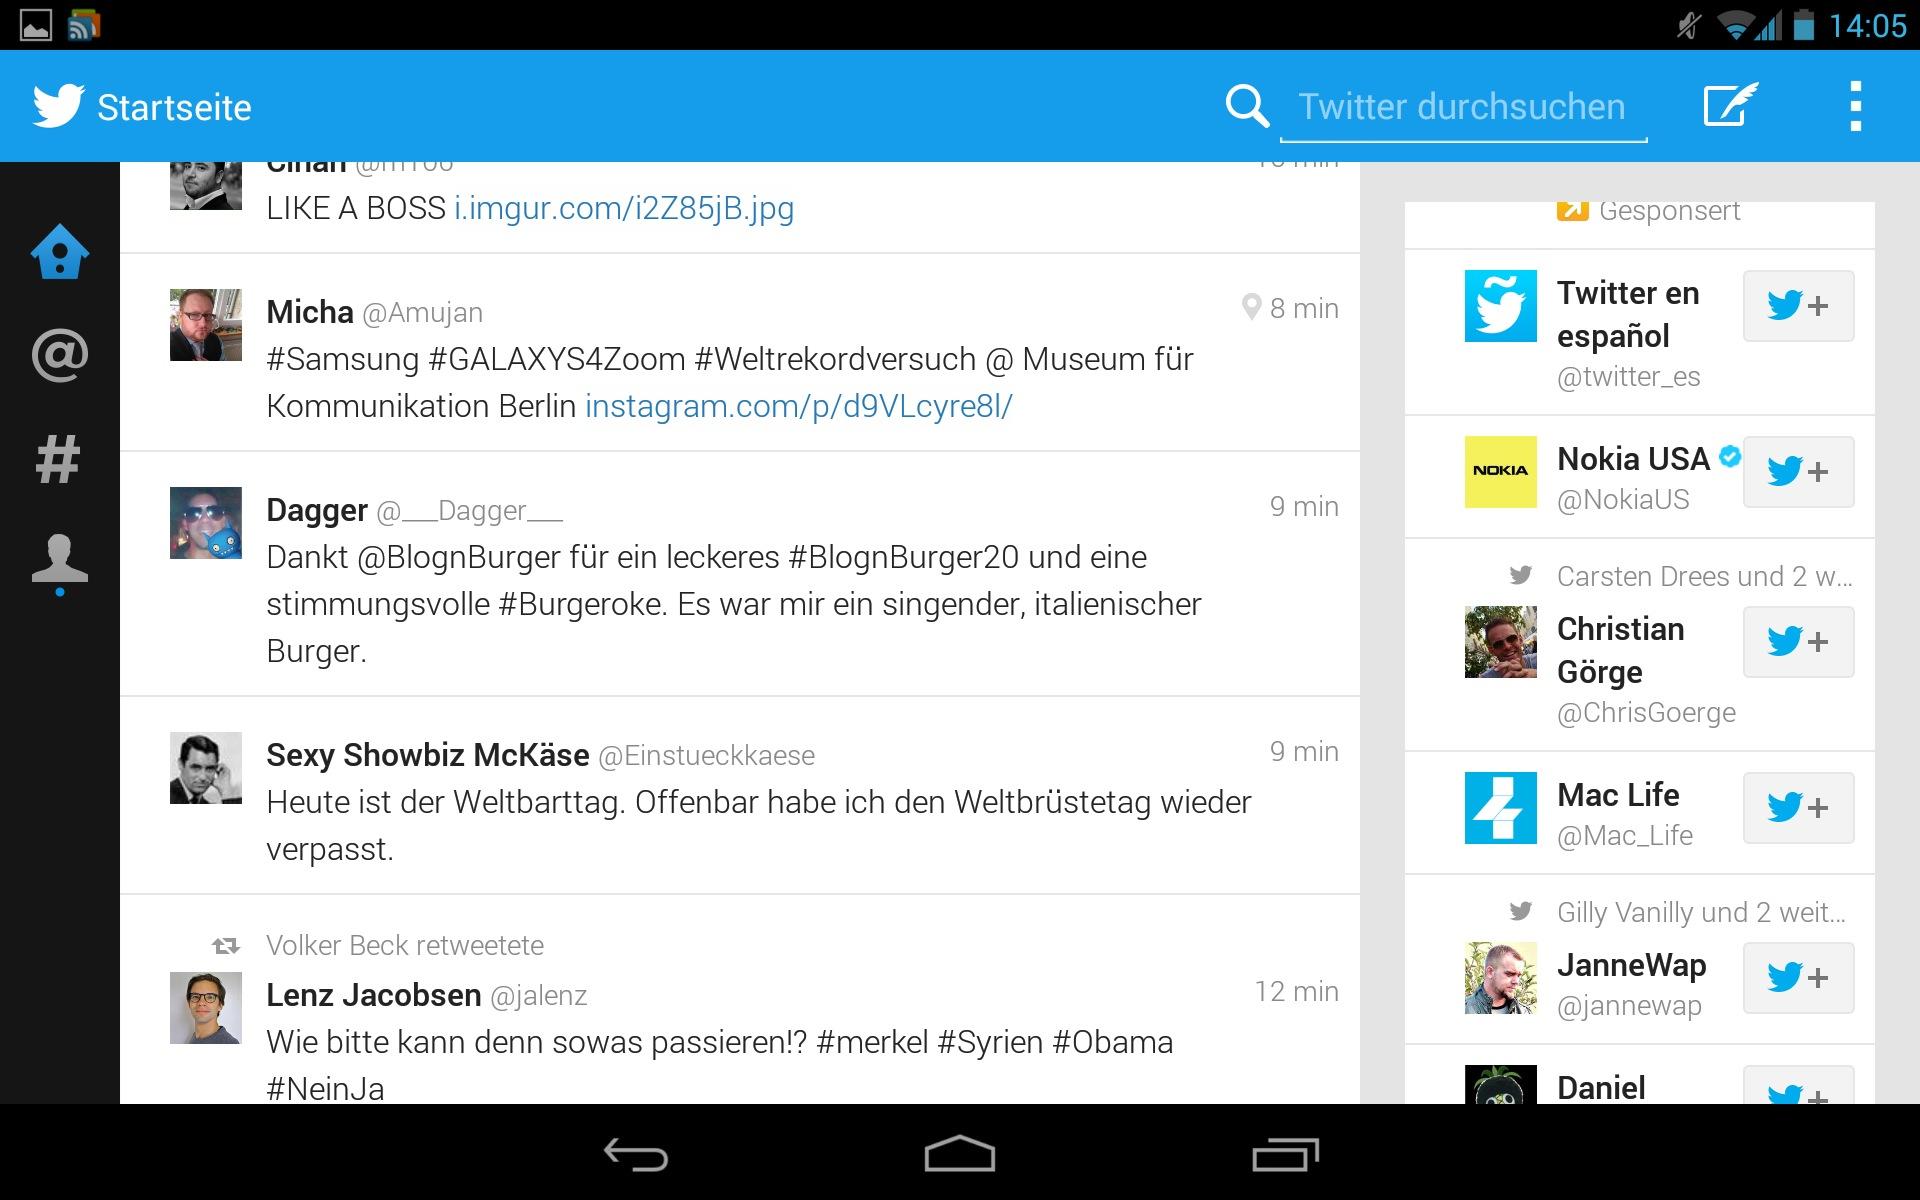 L'application Twitter de la Galaxy Note 10.1 (2014) est compatible avec d'autres tablettes